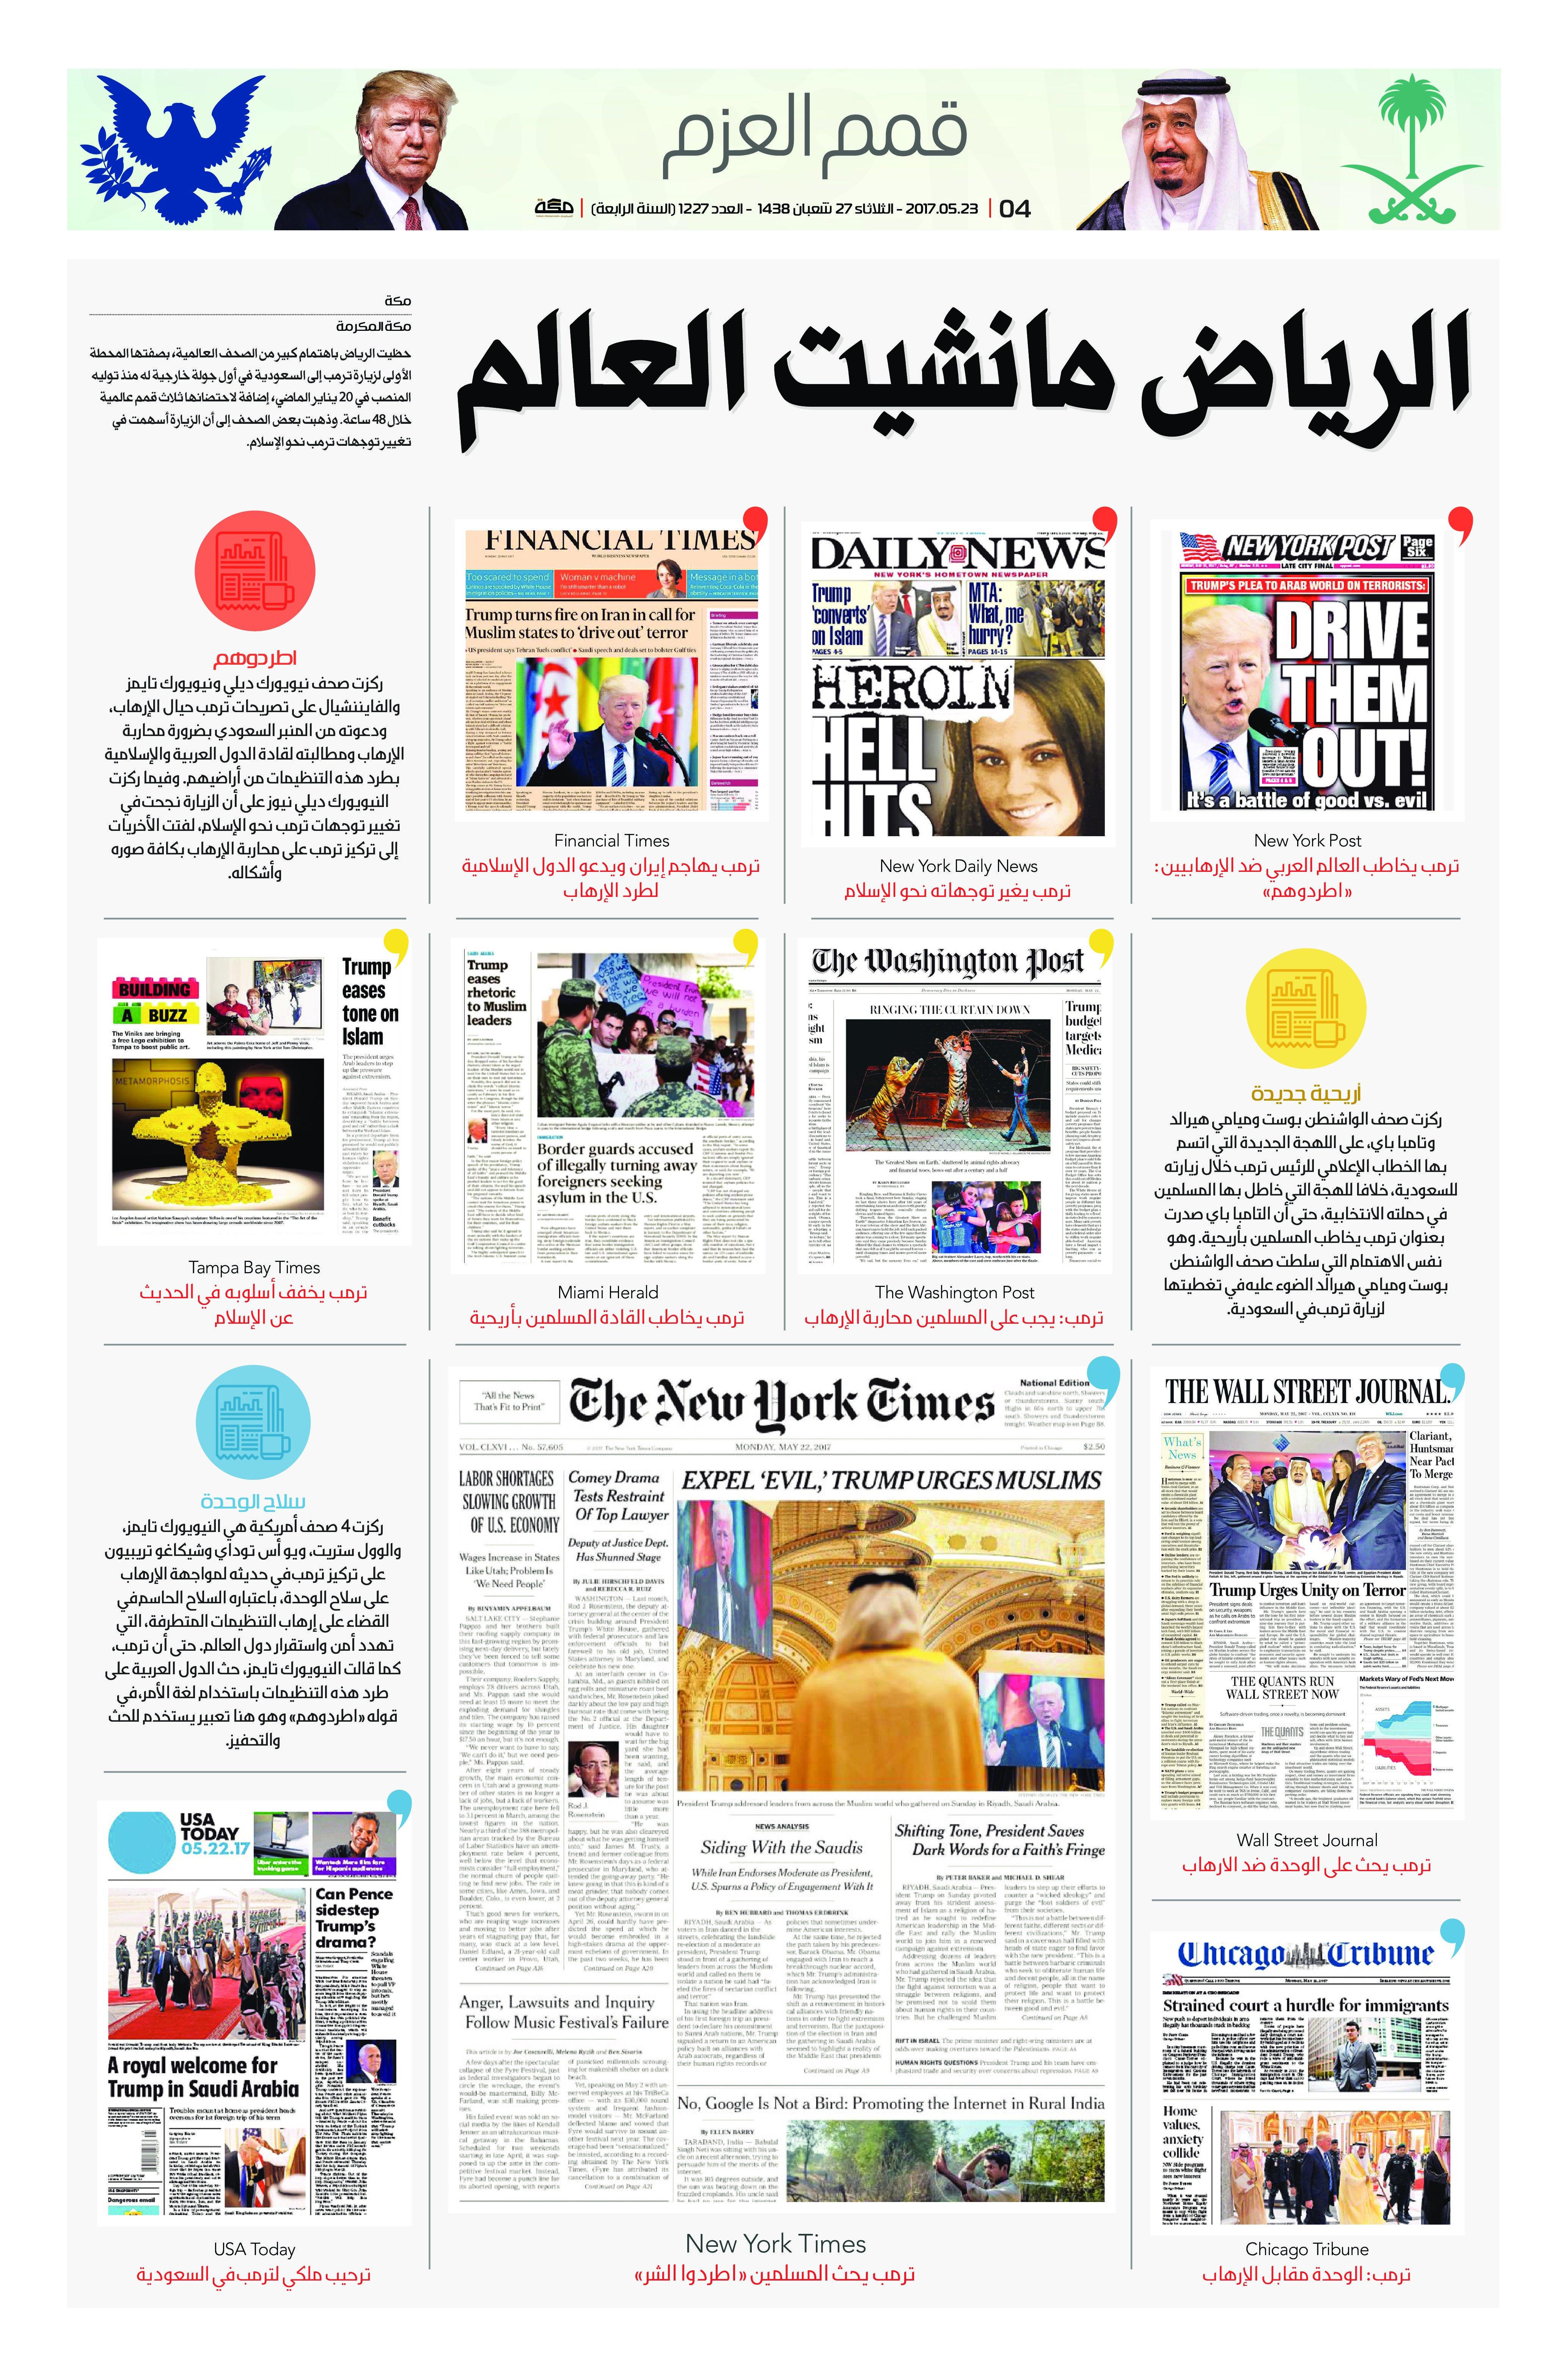 الرياض مانشيت العالم صحيفةـمكة انفوجرافيك تحقيقات Financial Times New York Times Infographic